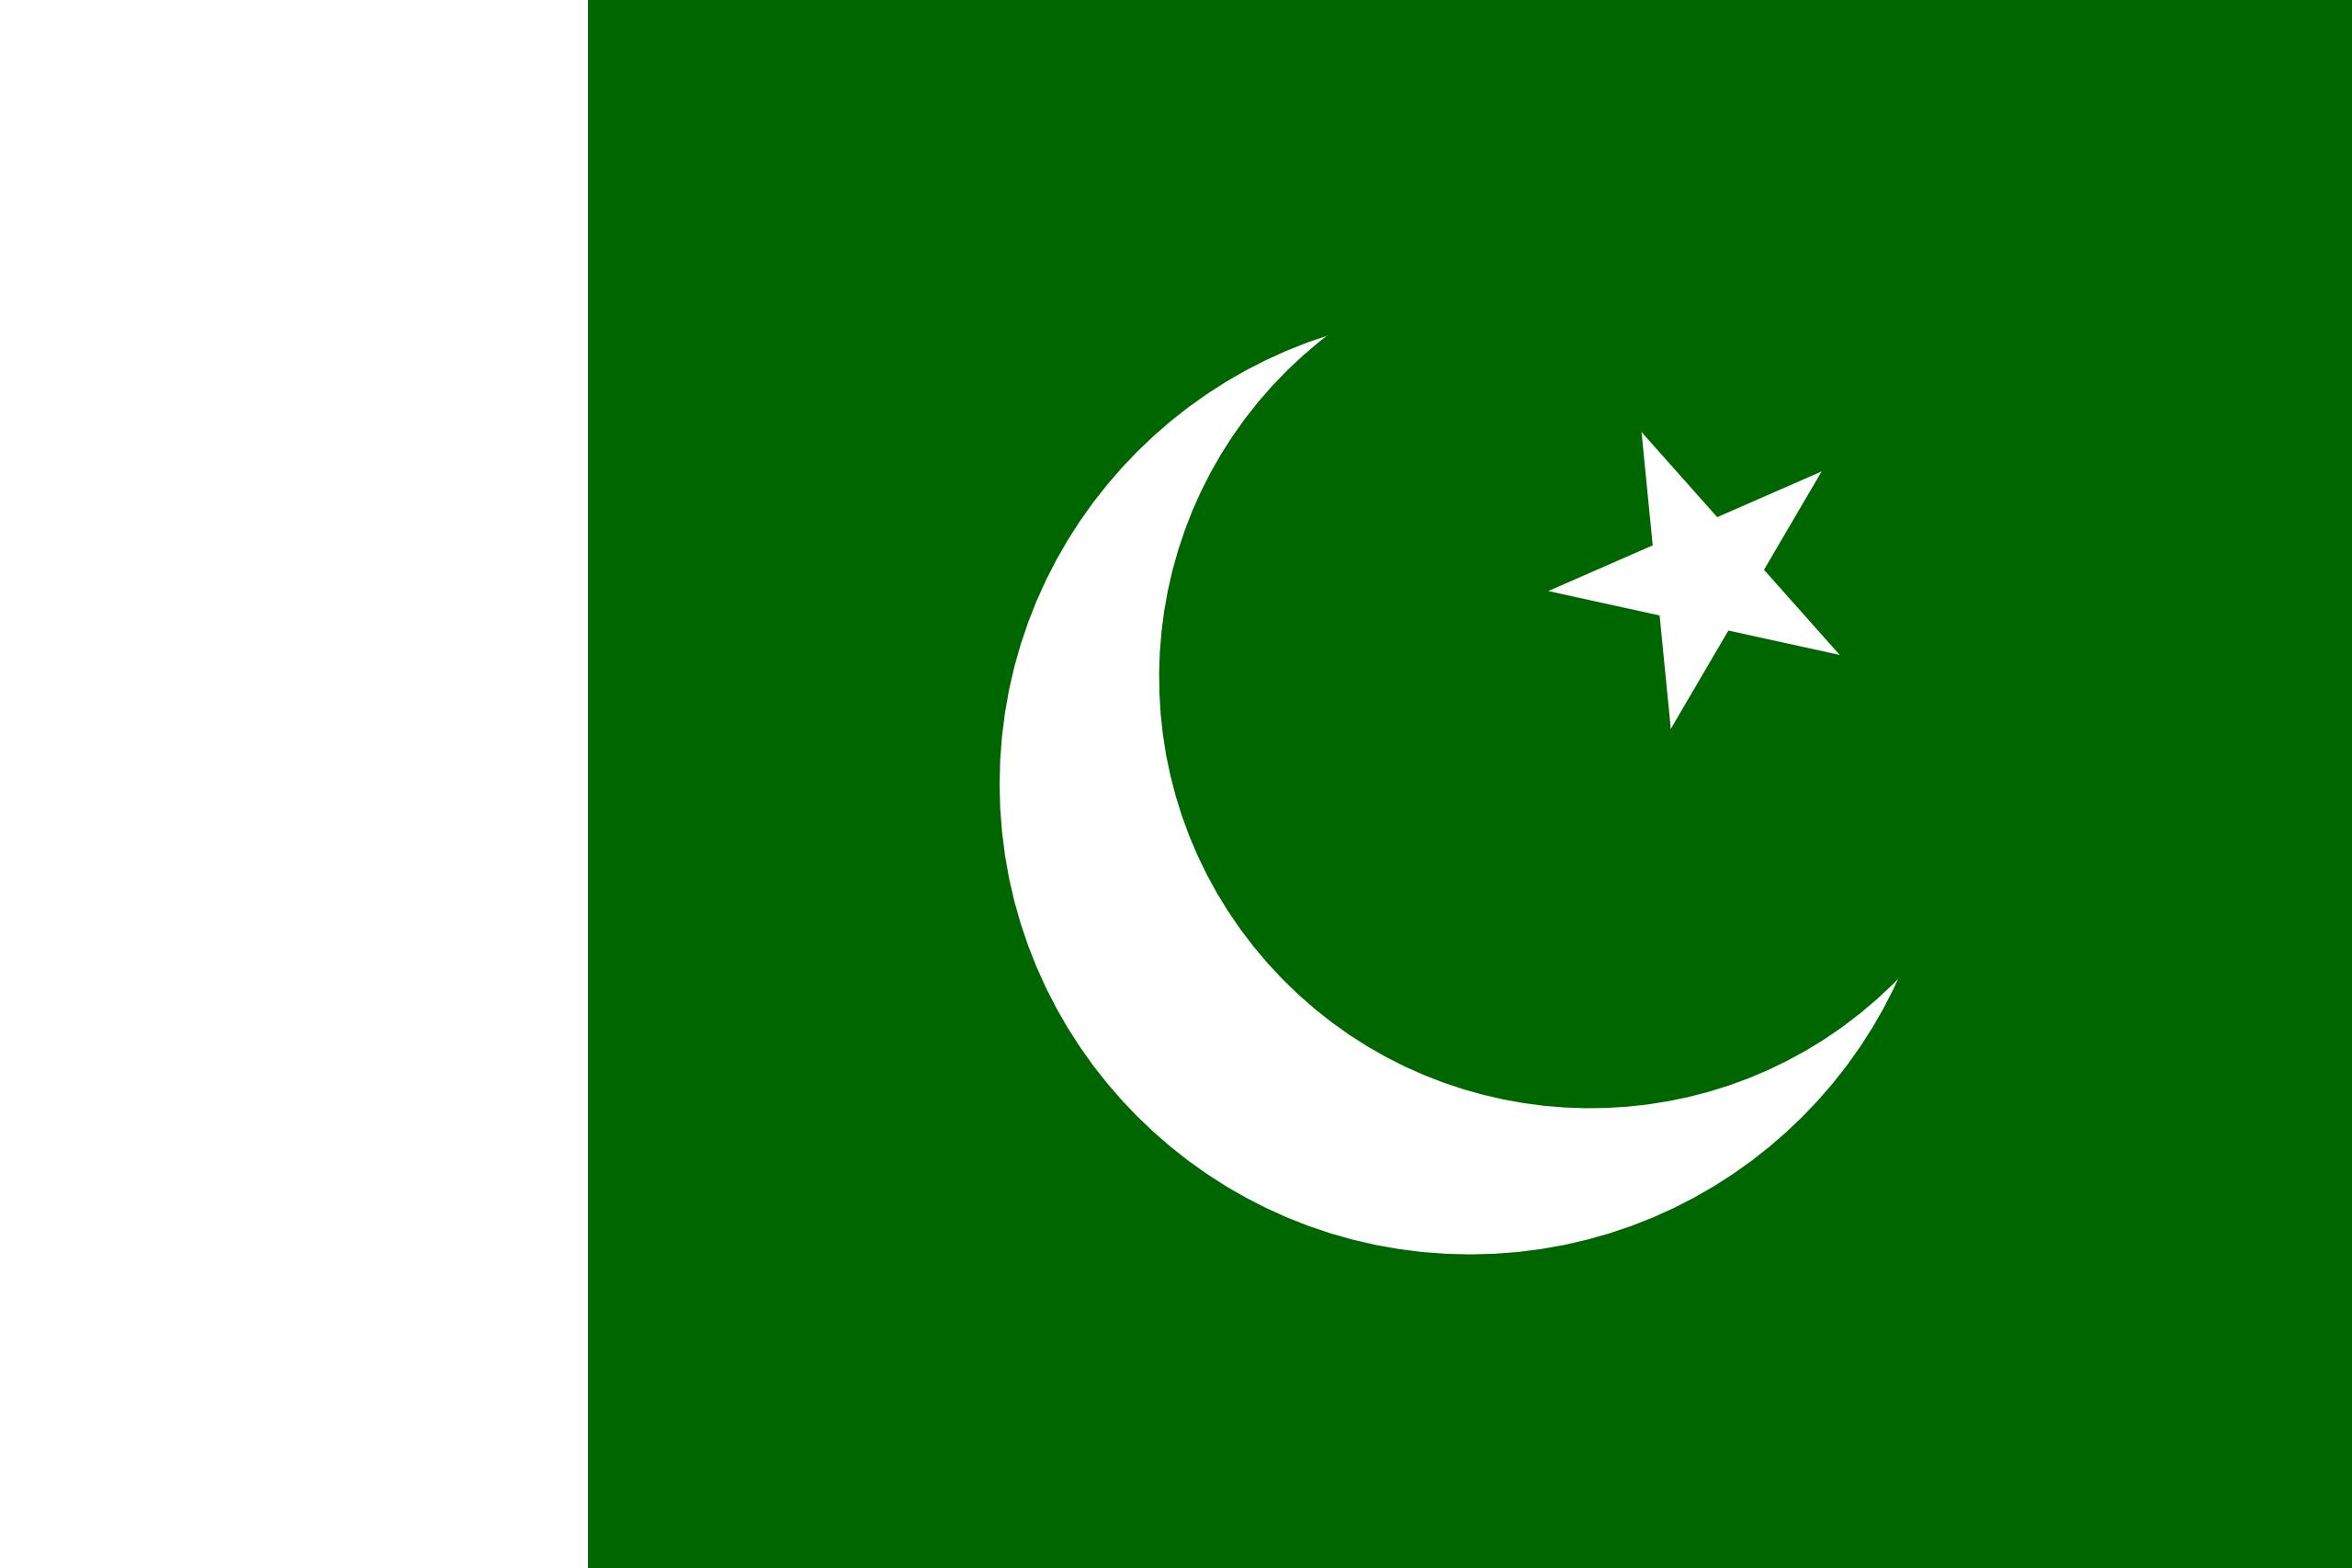 pakistán, χώρα, έμβλημα, λογότυπο, σύμβολο - Wallpapers HD - Professor-falken.com